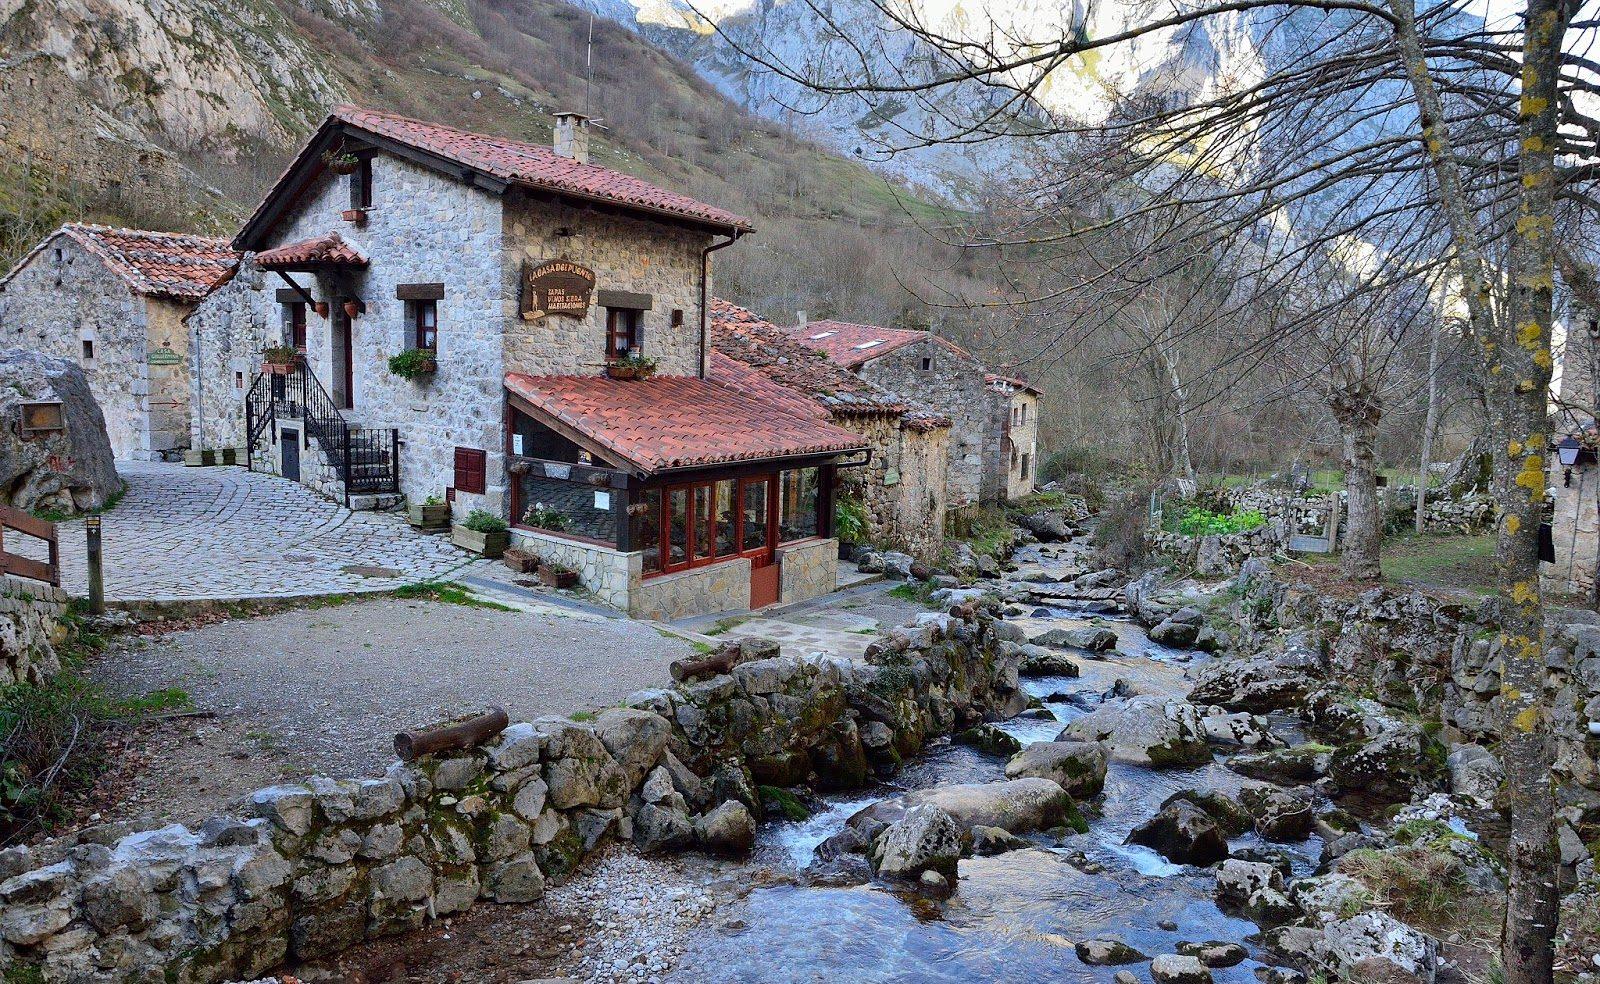 albergue bulnes e1587389994289 - Where to rest-Ponga